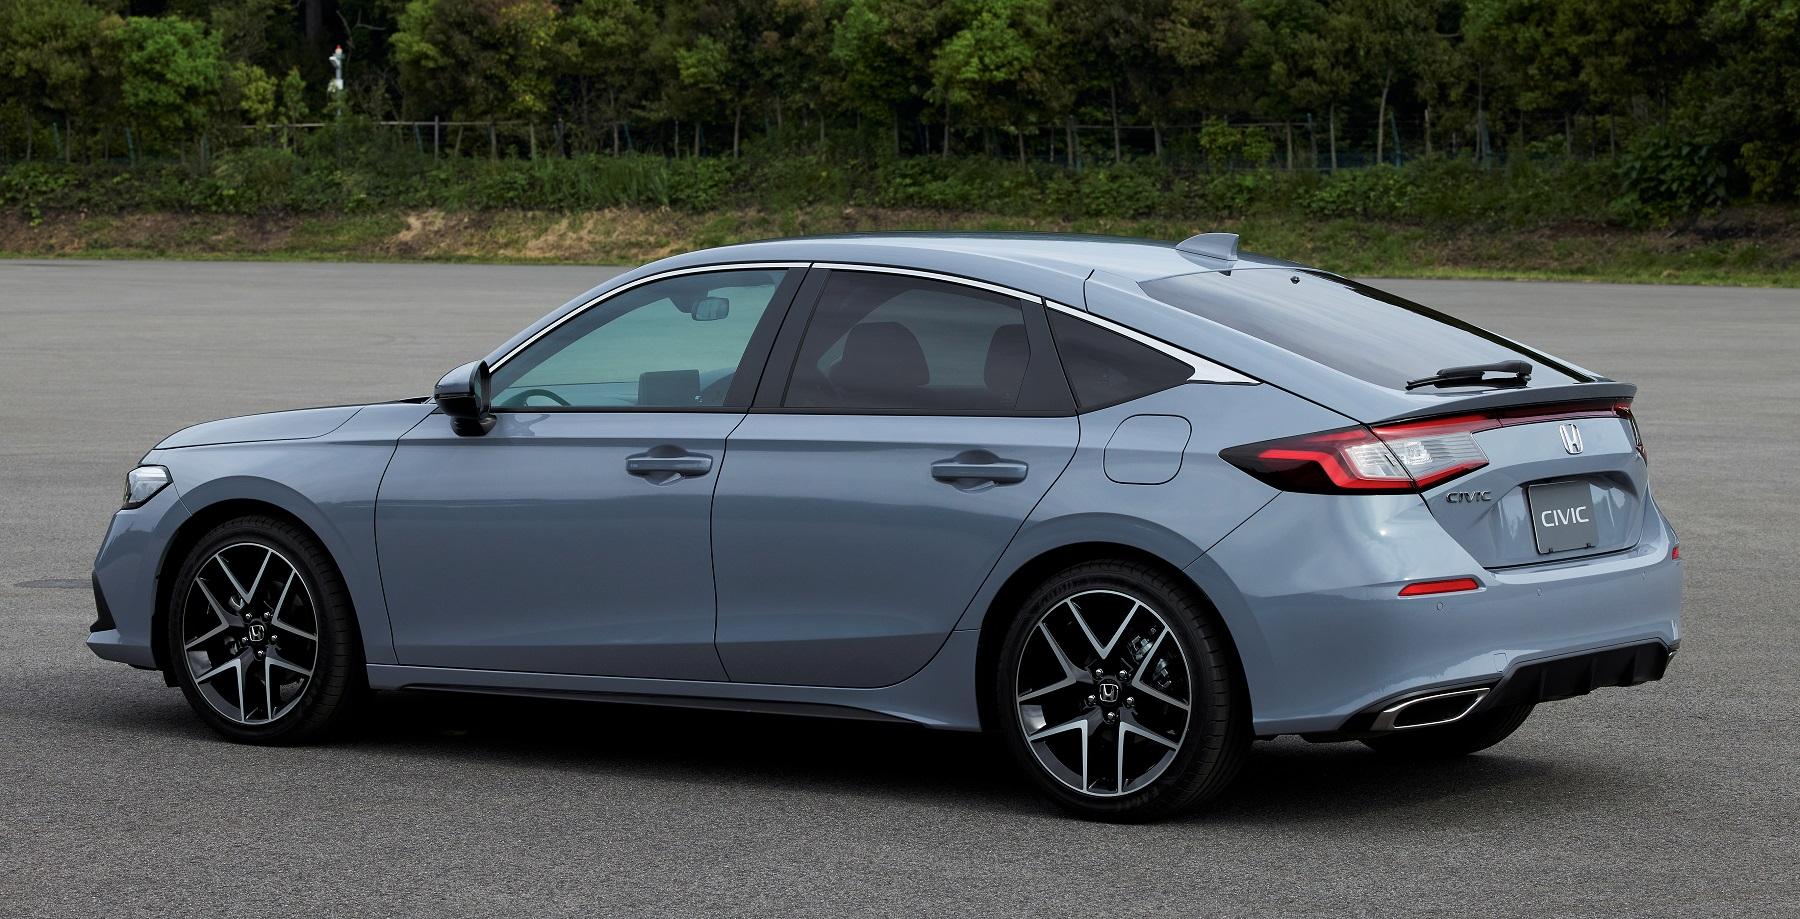 2022 Honda Civic Hatchback - Japan Market Model